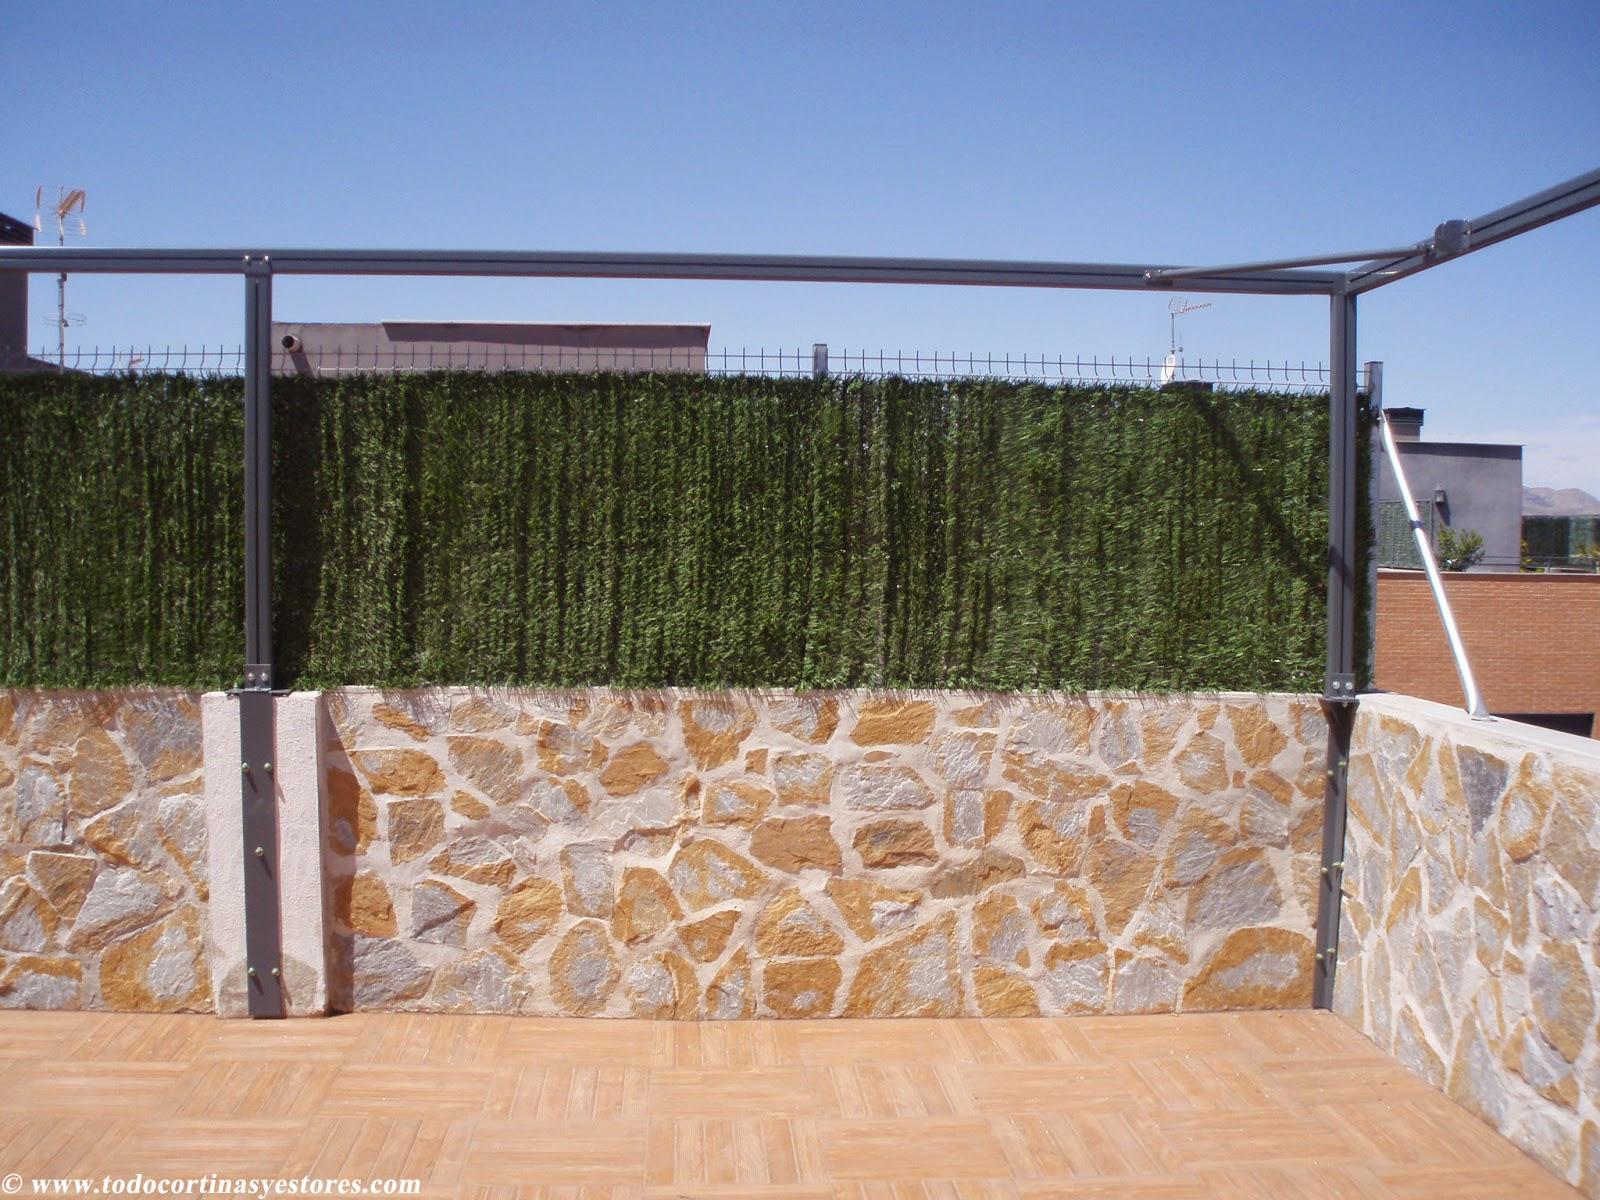 Decoracion interior cortinas verticales estores for Pergolas aluminio precios